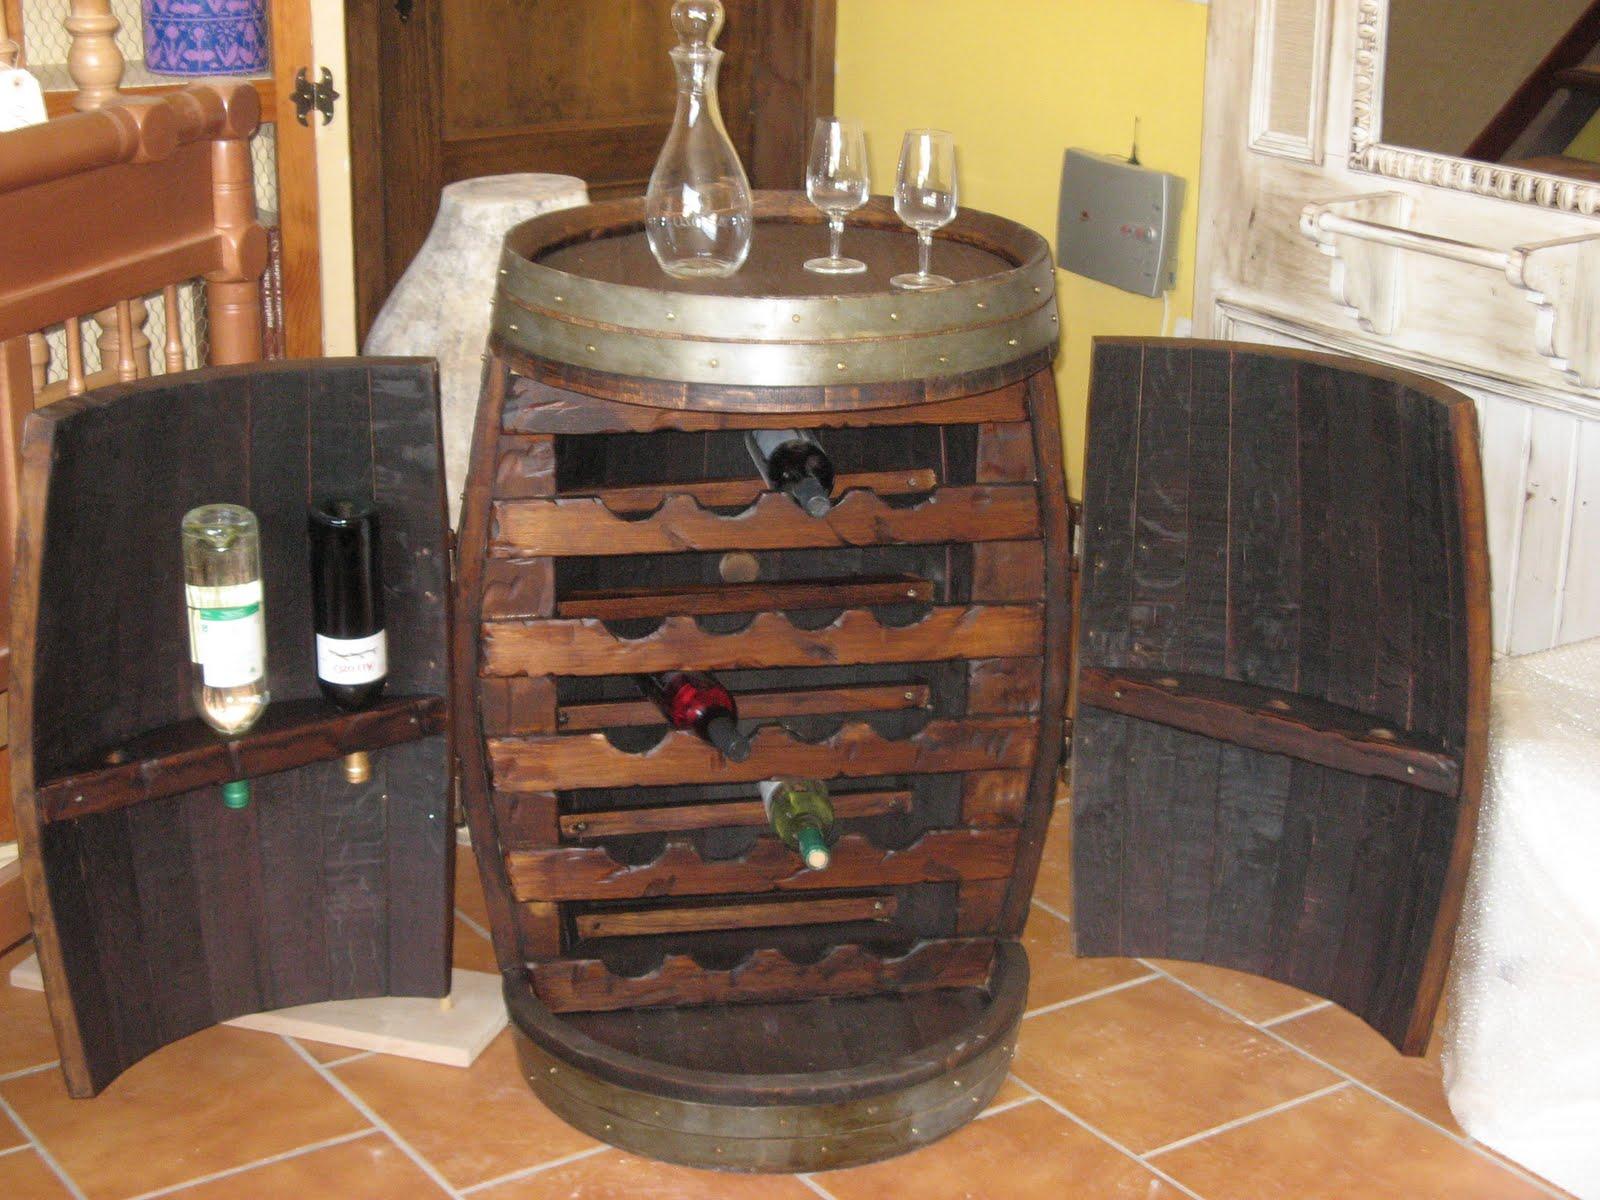 Artesanos carpinteros botelleros - Como reciclar muebles ...